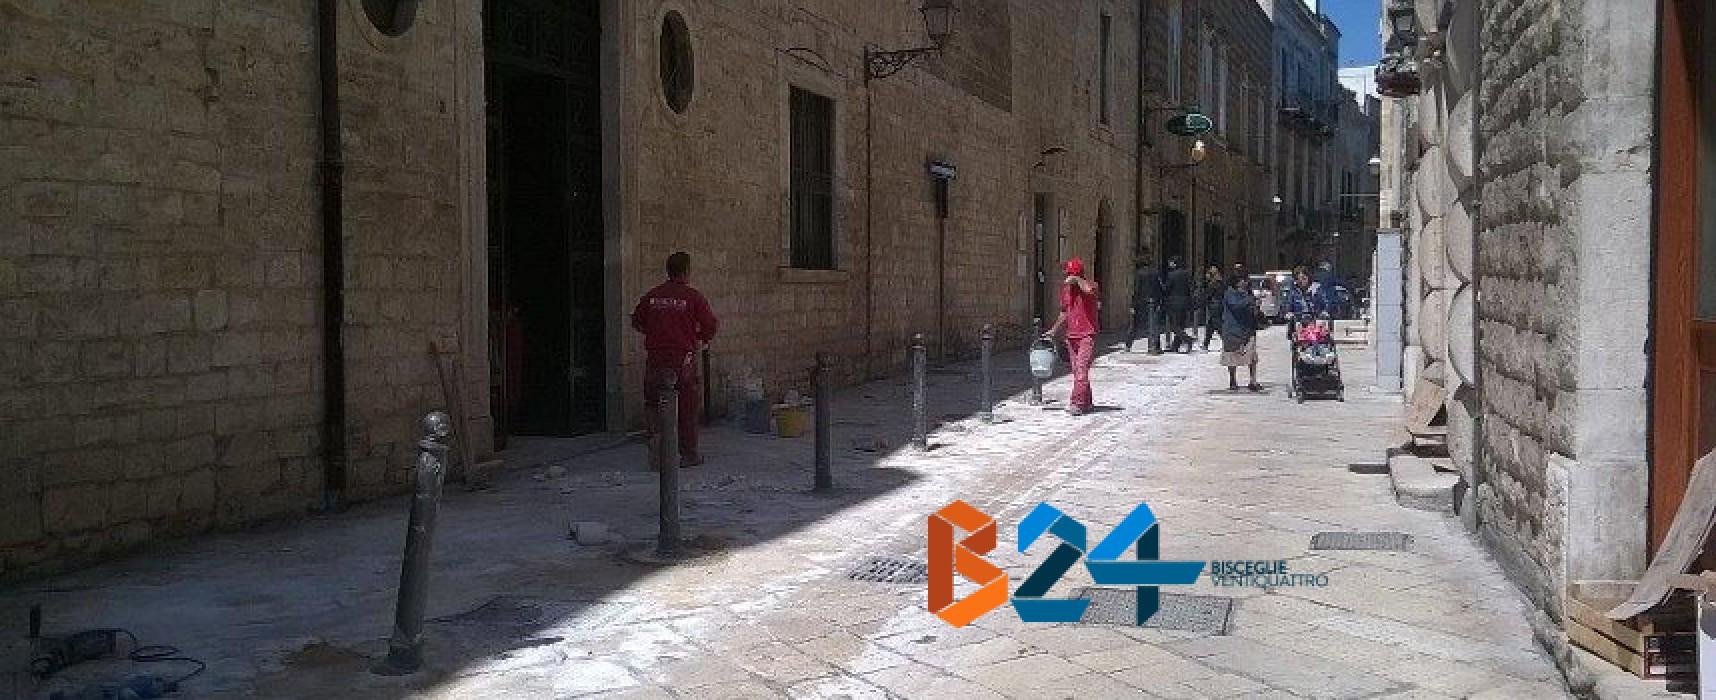 Via Giulio Frisari, istallazione paletti contro parcheggio selvaggio / FOTO